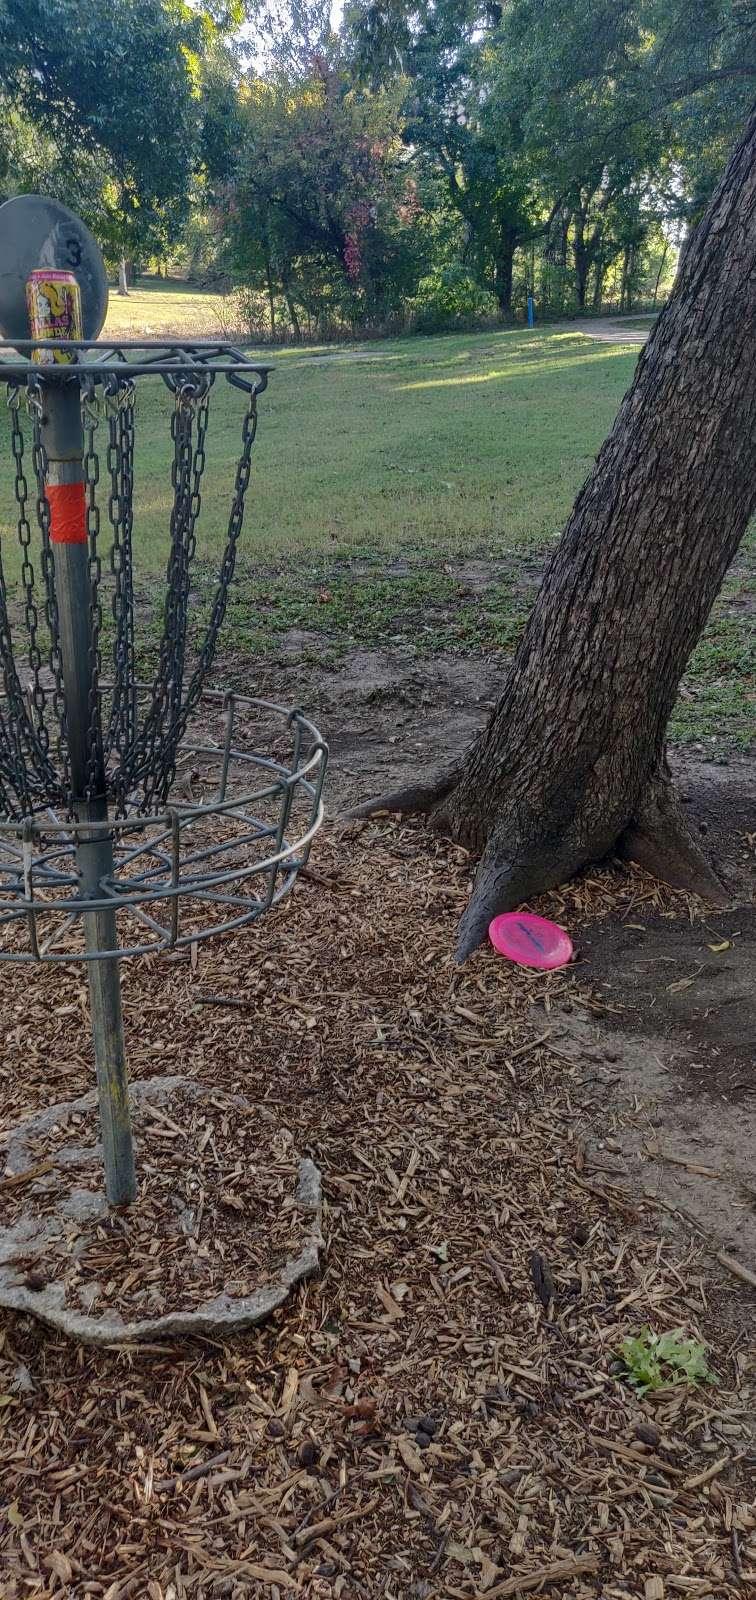 Audubon Park Disc Golf Course - park  | Photo 3 of 3 | Address: 26023600010010000, Garland, TX 75043, USA